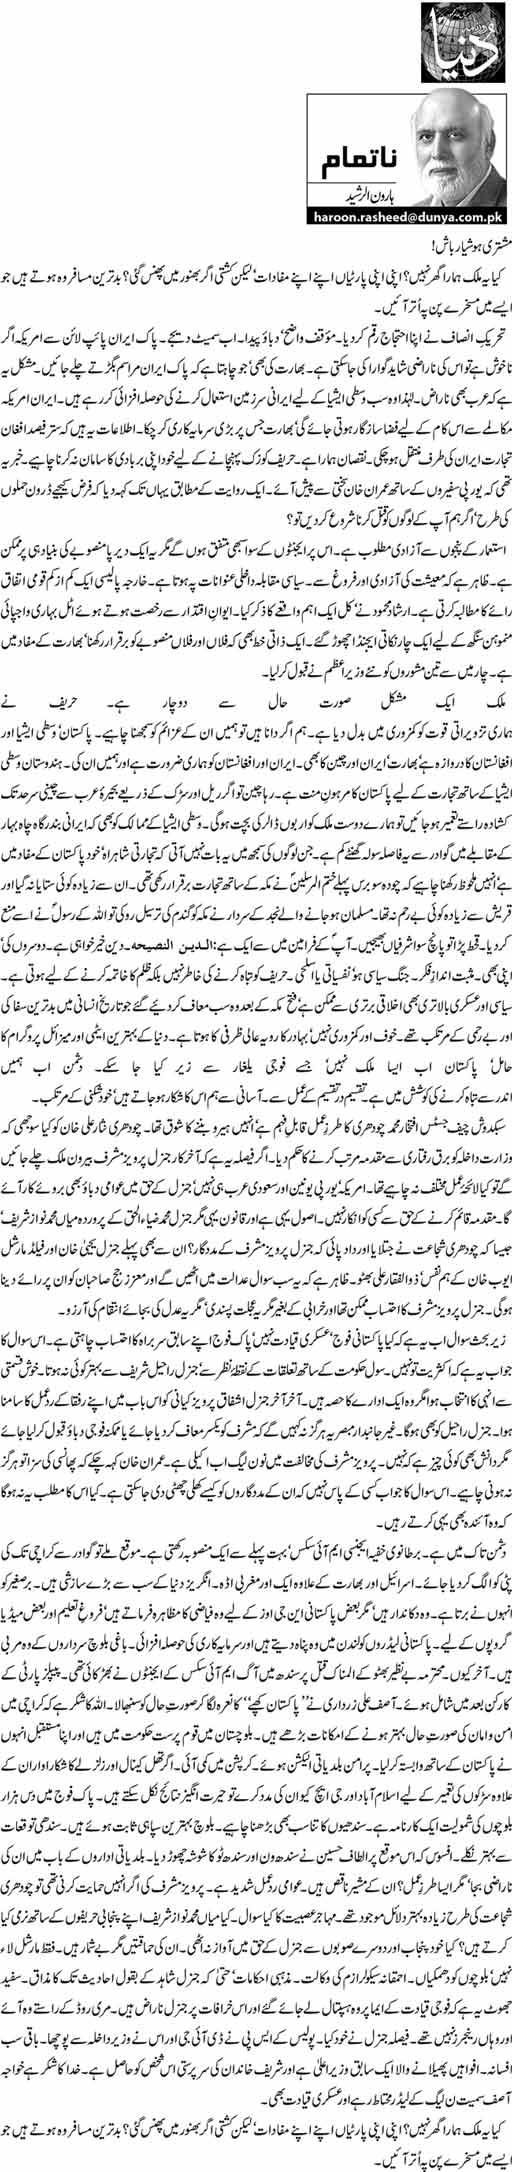 Mushtari Hoshyar Bash - Haroon ur Rasheed